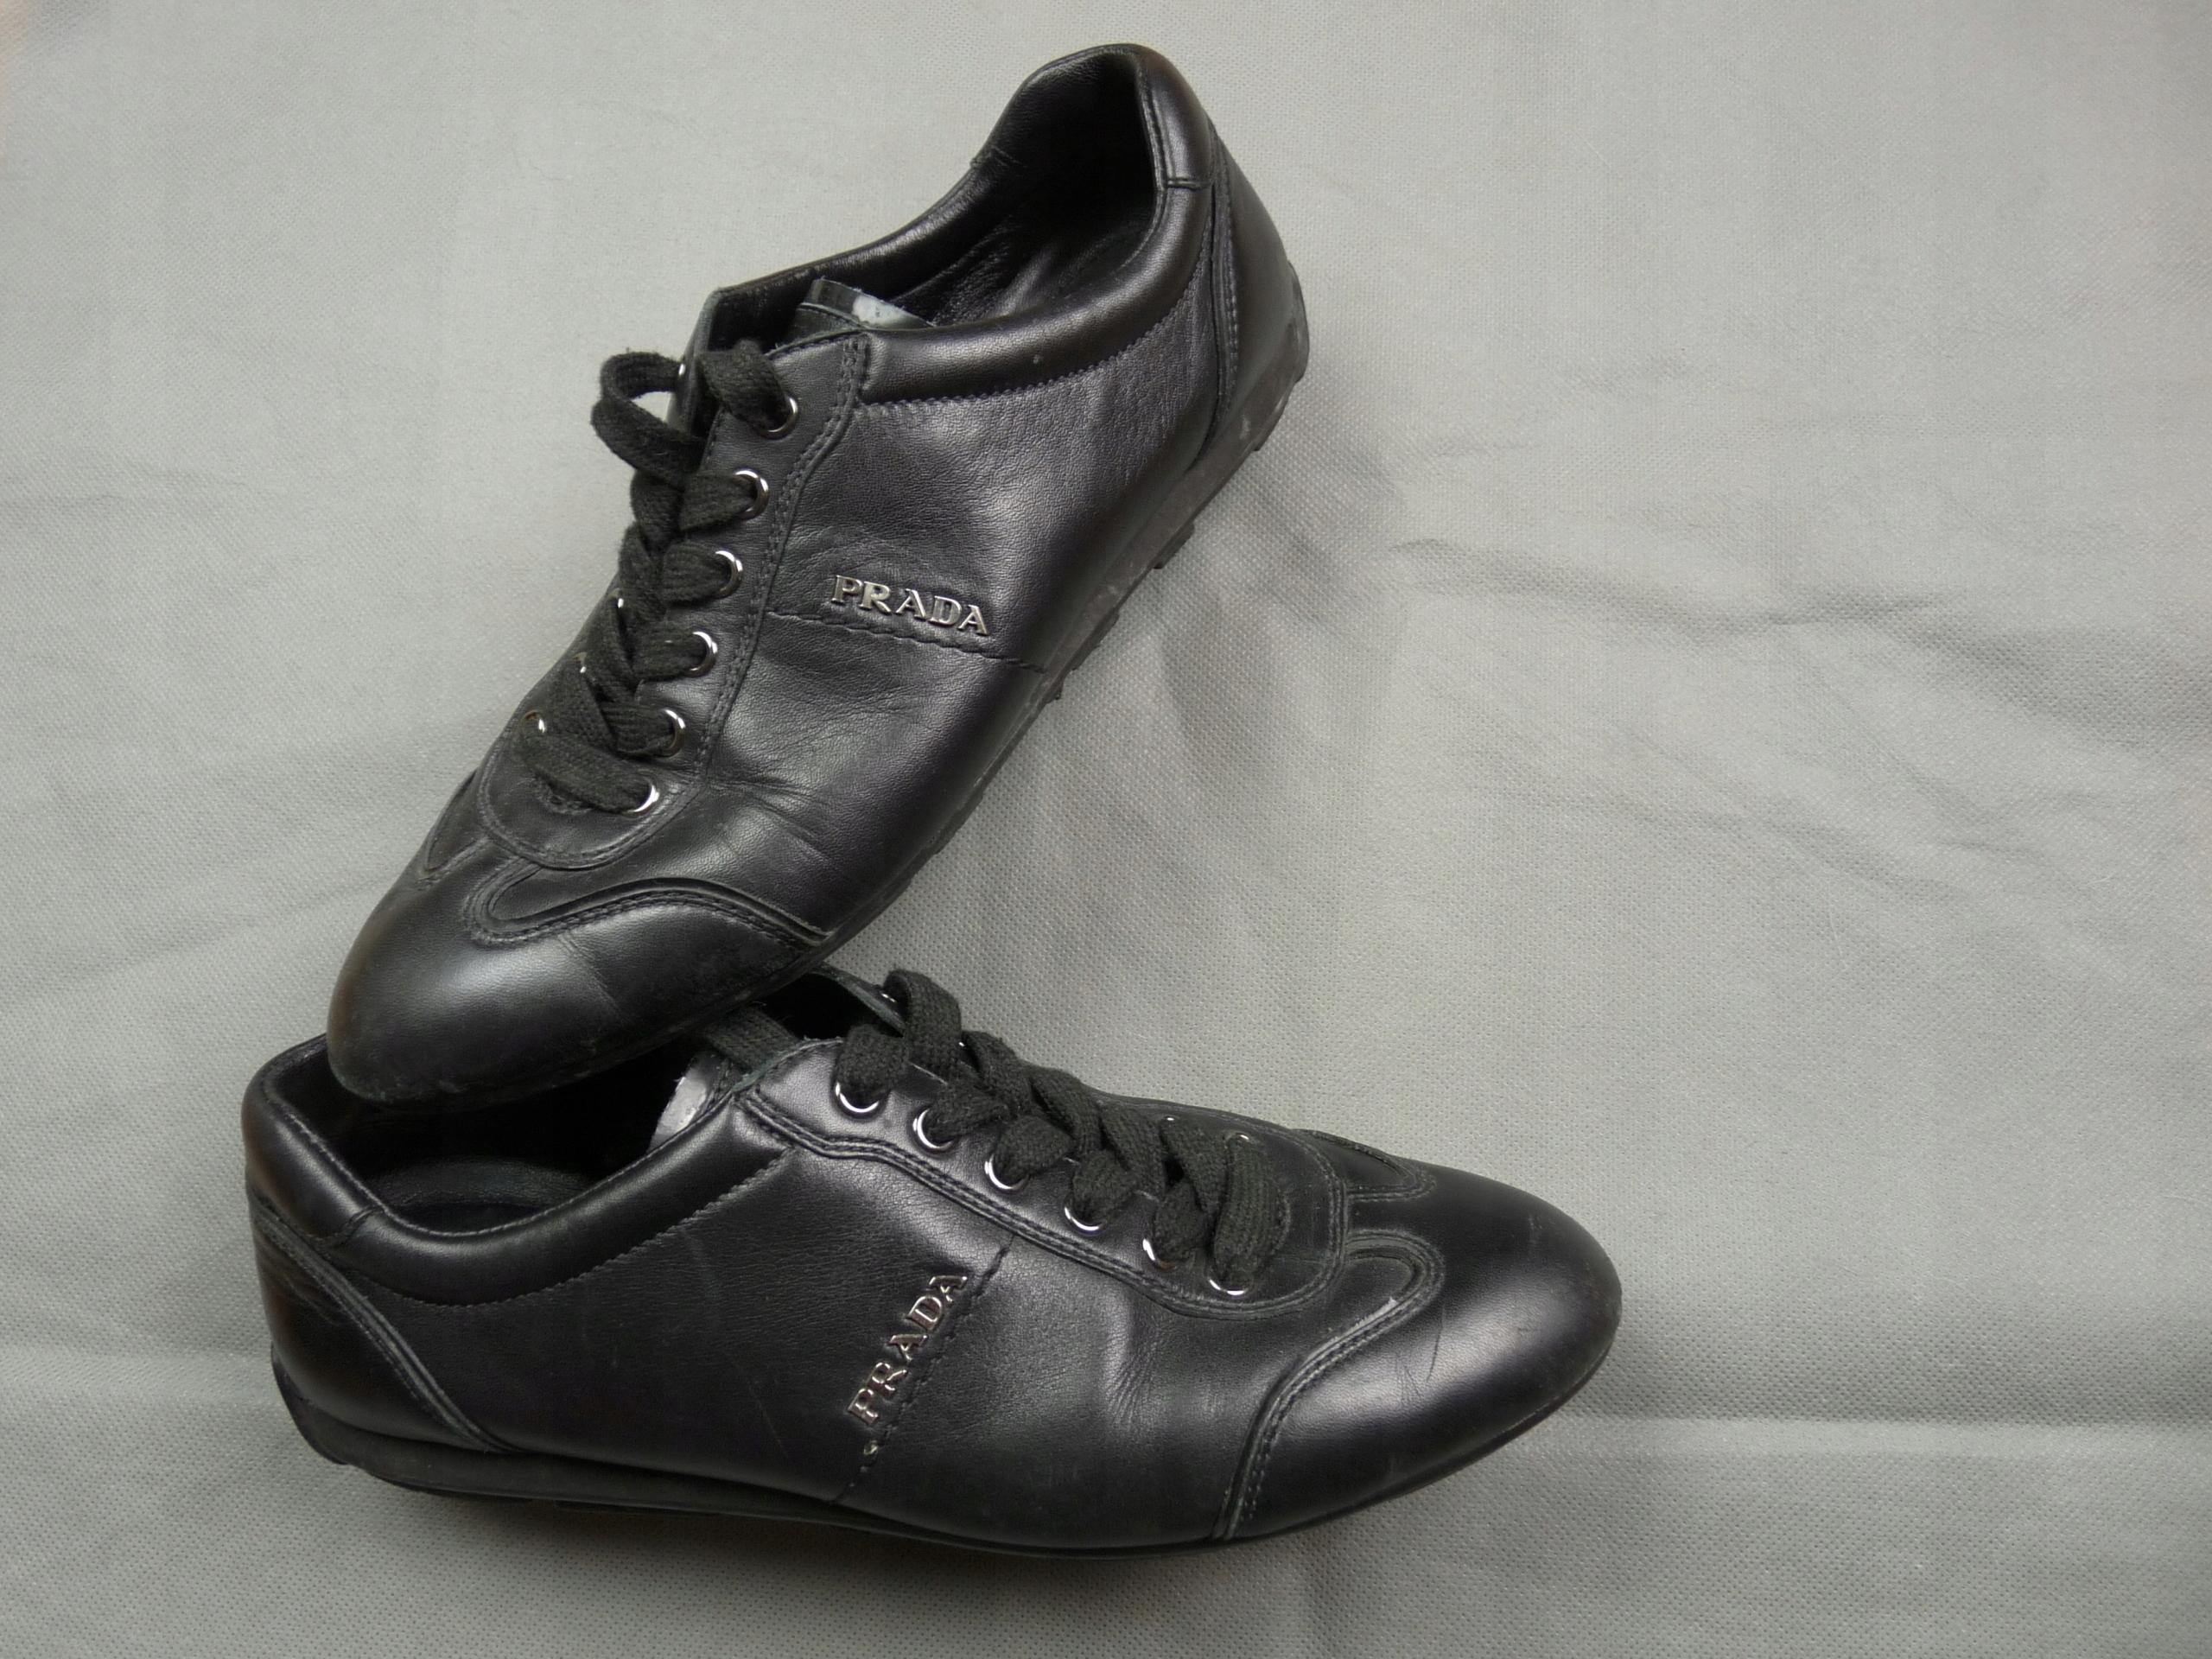 9af87f8b71e65 PRADA czarne damskie skórzane buty rozm.37 - 7587374587 - oficjalne ...